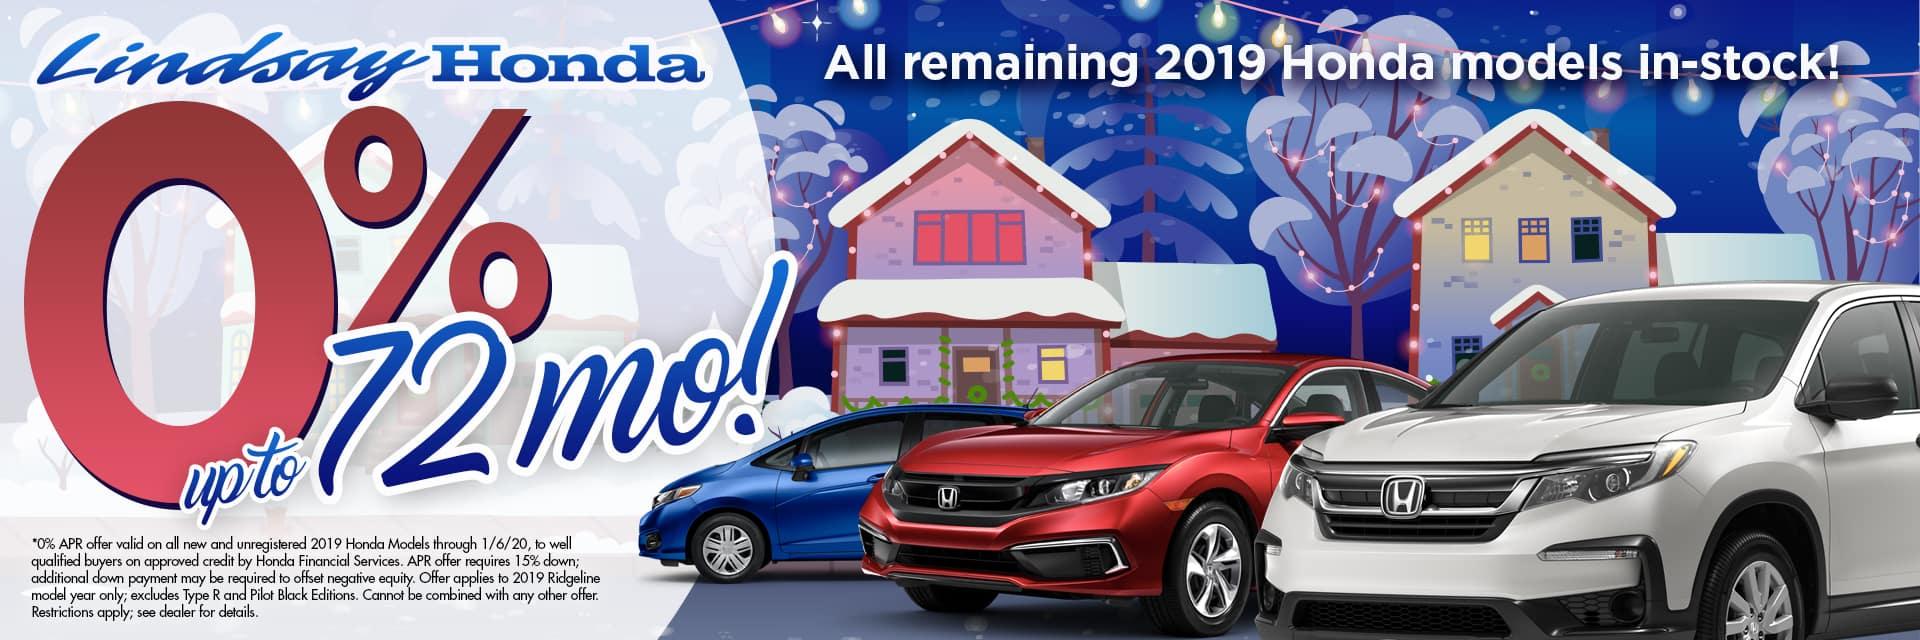 Honda Dealership Columbus Ohio >> Honda Columbus Ohio New Car Release Date